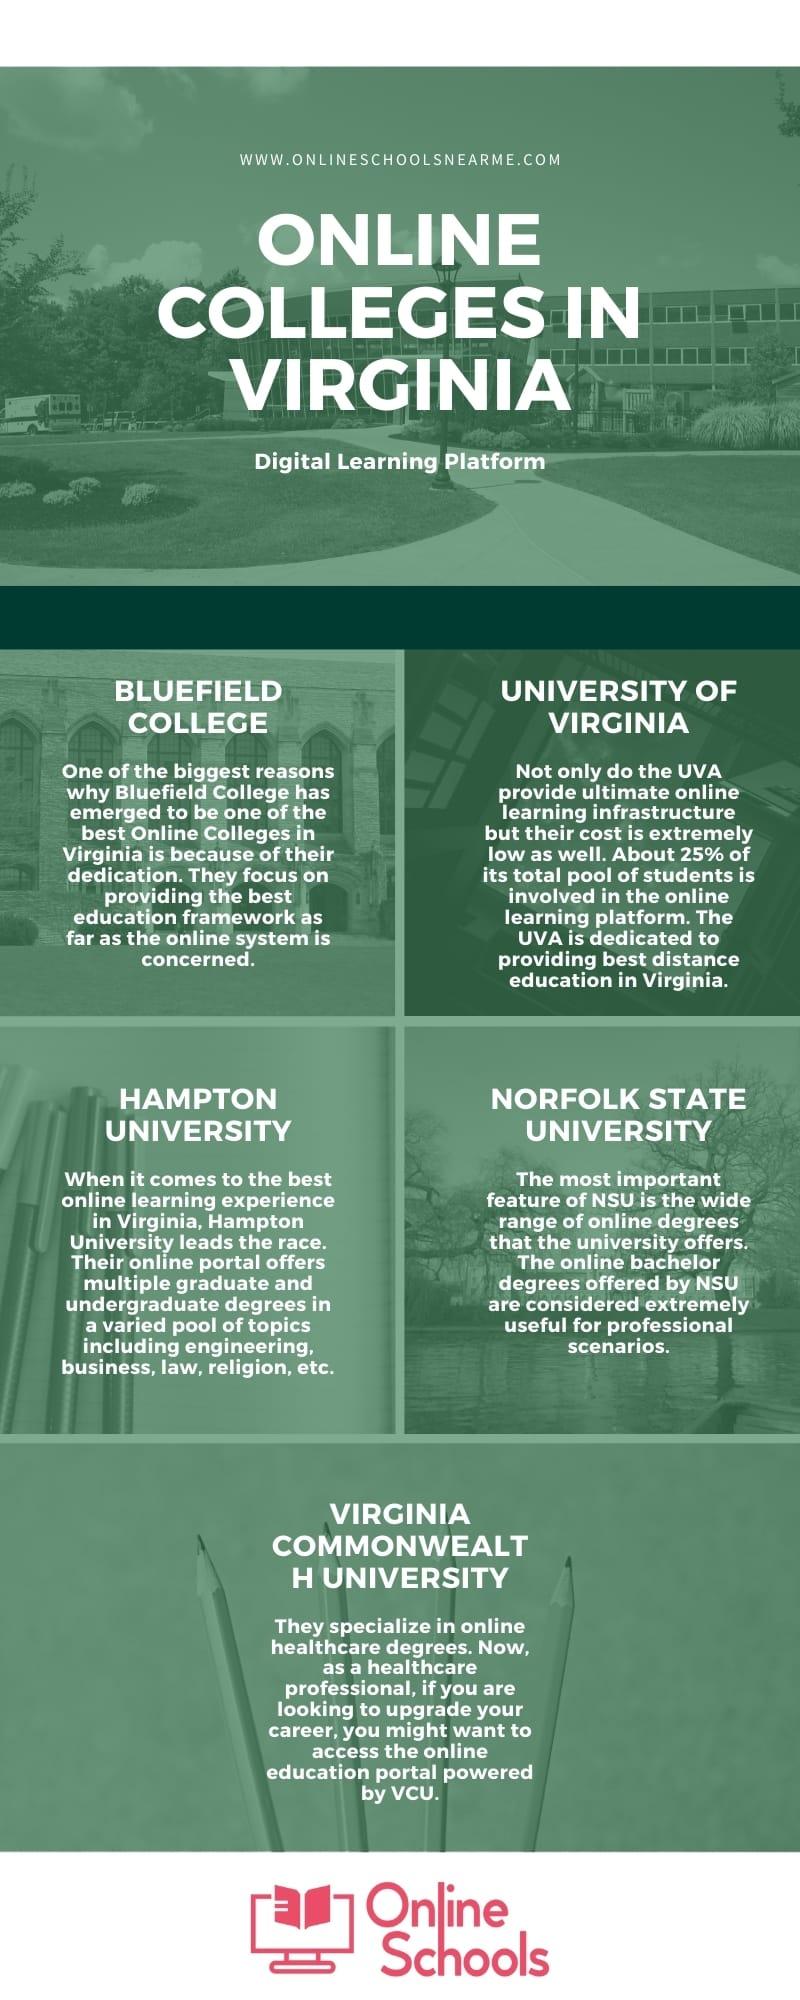 Online colleges in Virginia